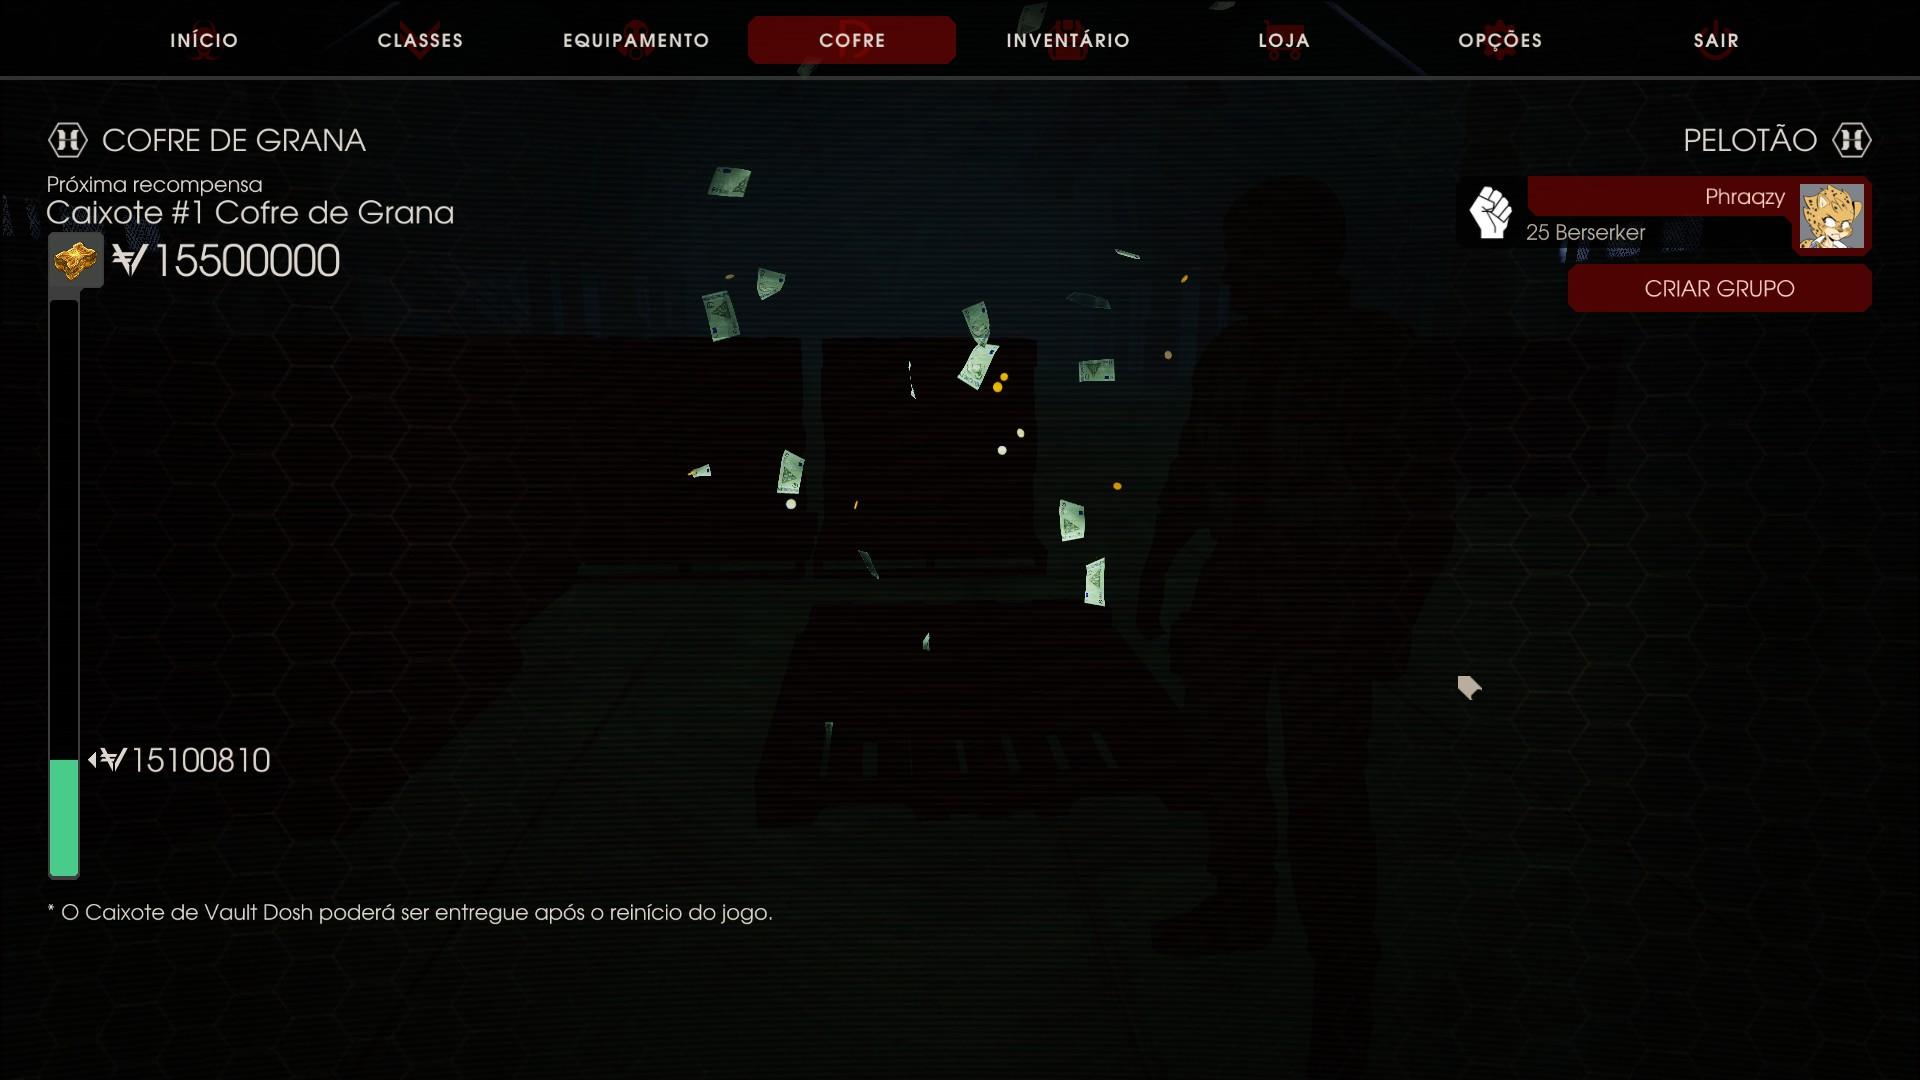 Killing Floor 2 (232090) · Issue #1328 · ValveSoftware